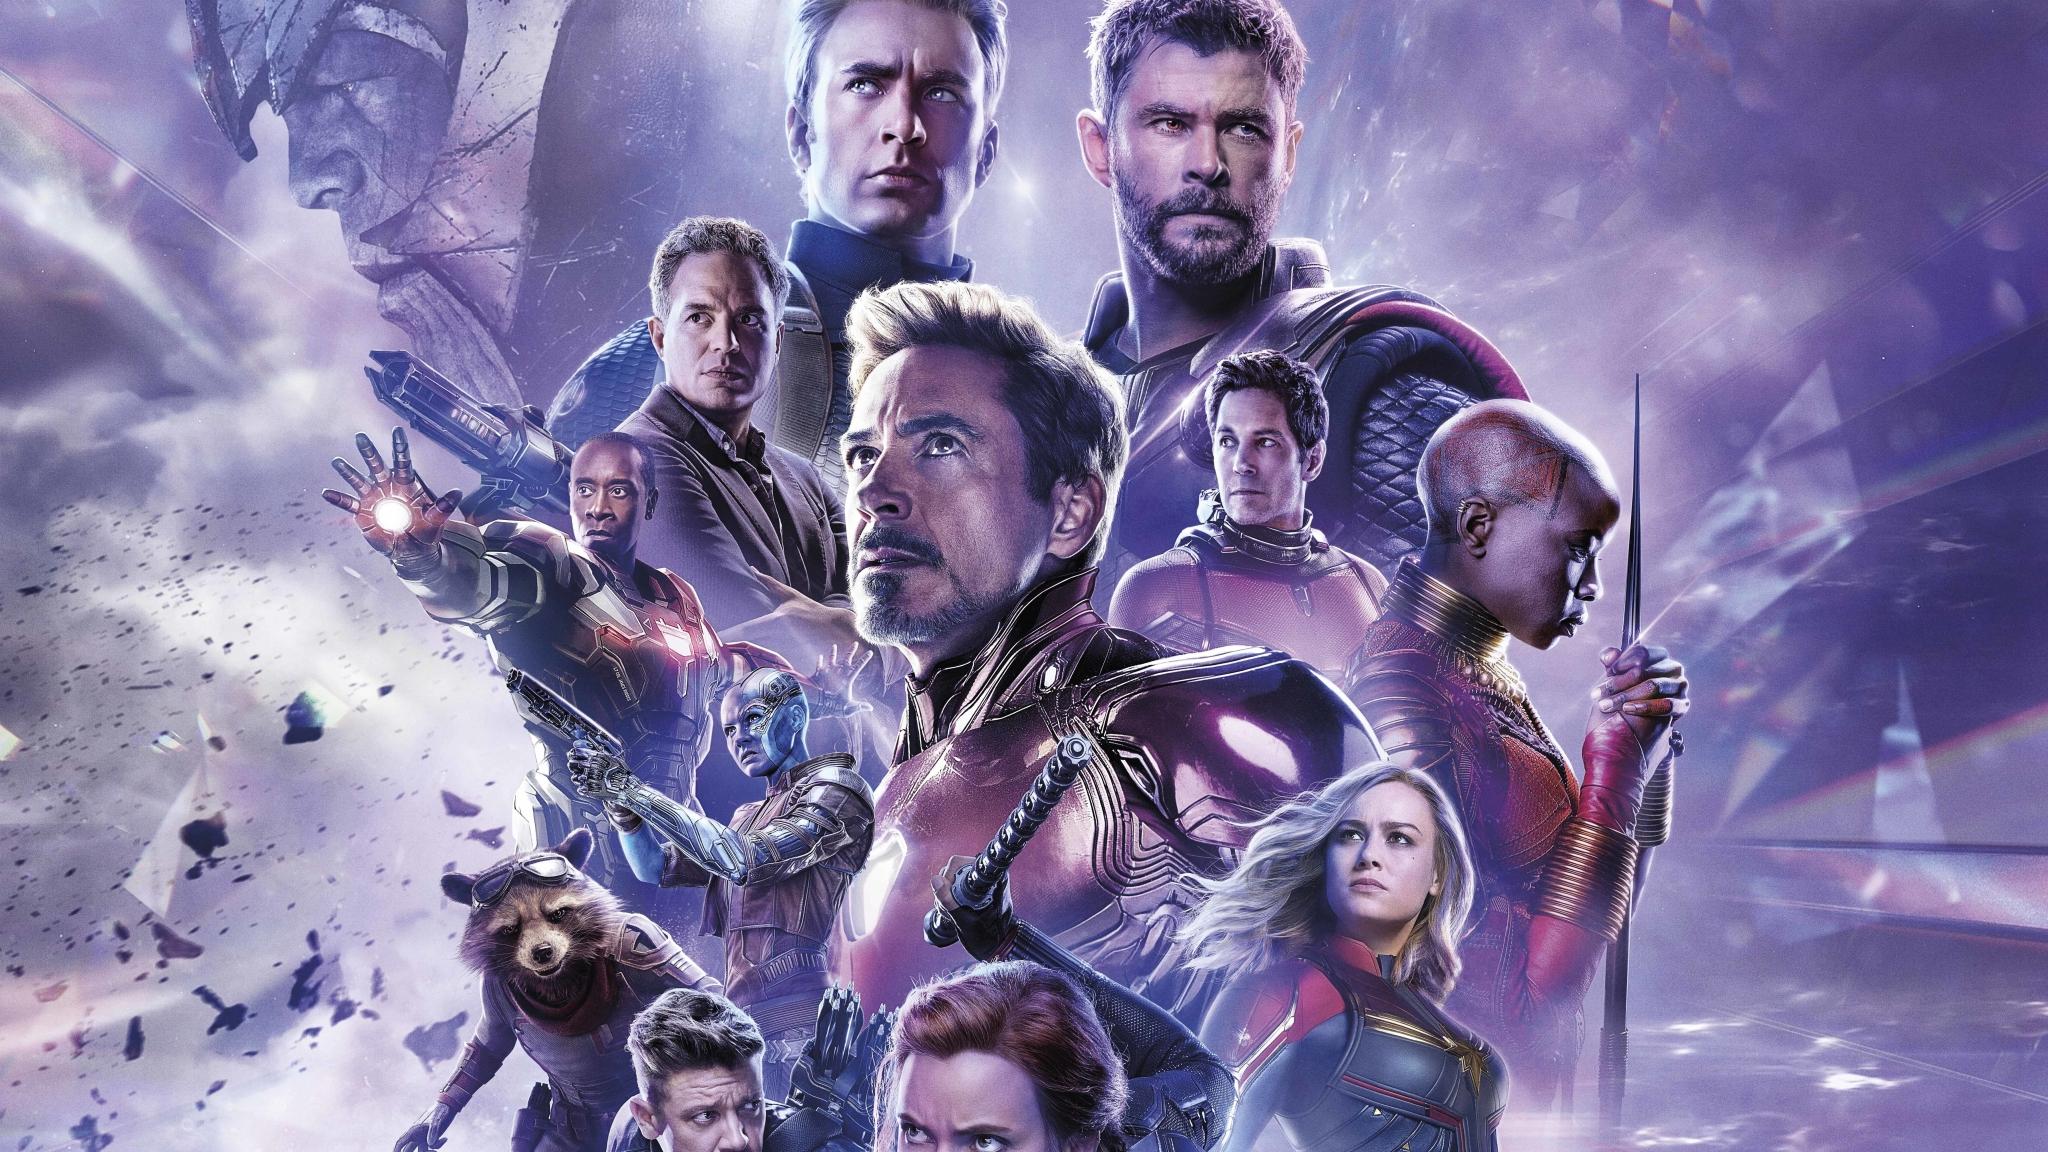 2048x1152 Avengers Endgame 8K Russian Poster 2048x1152 ...